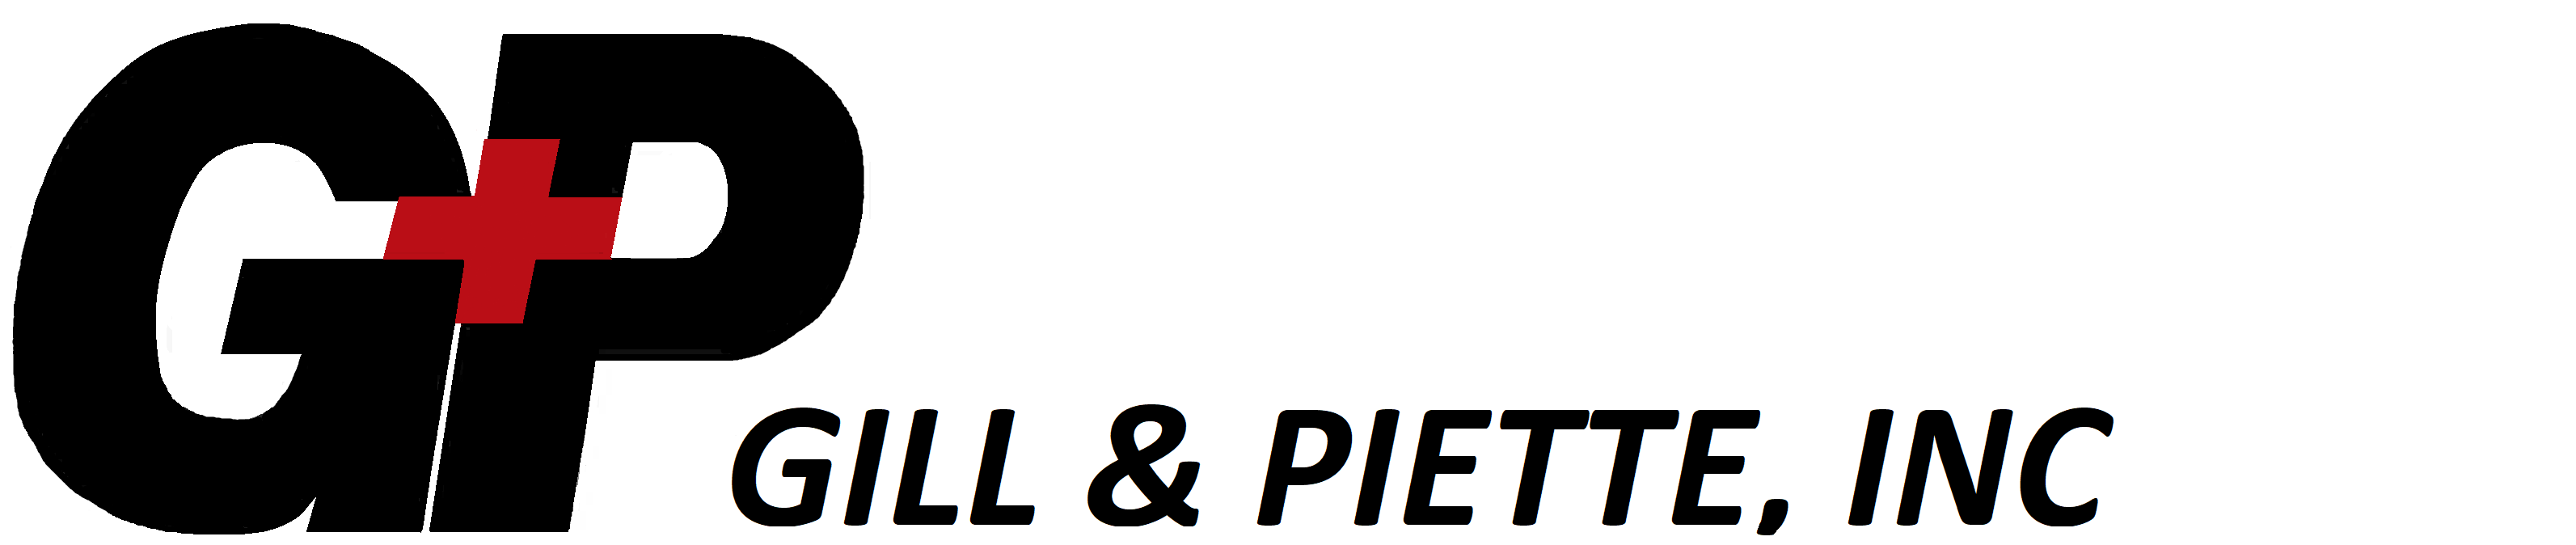 Gill  Piette, Inc